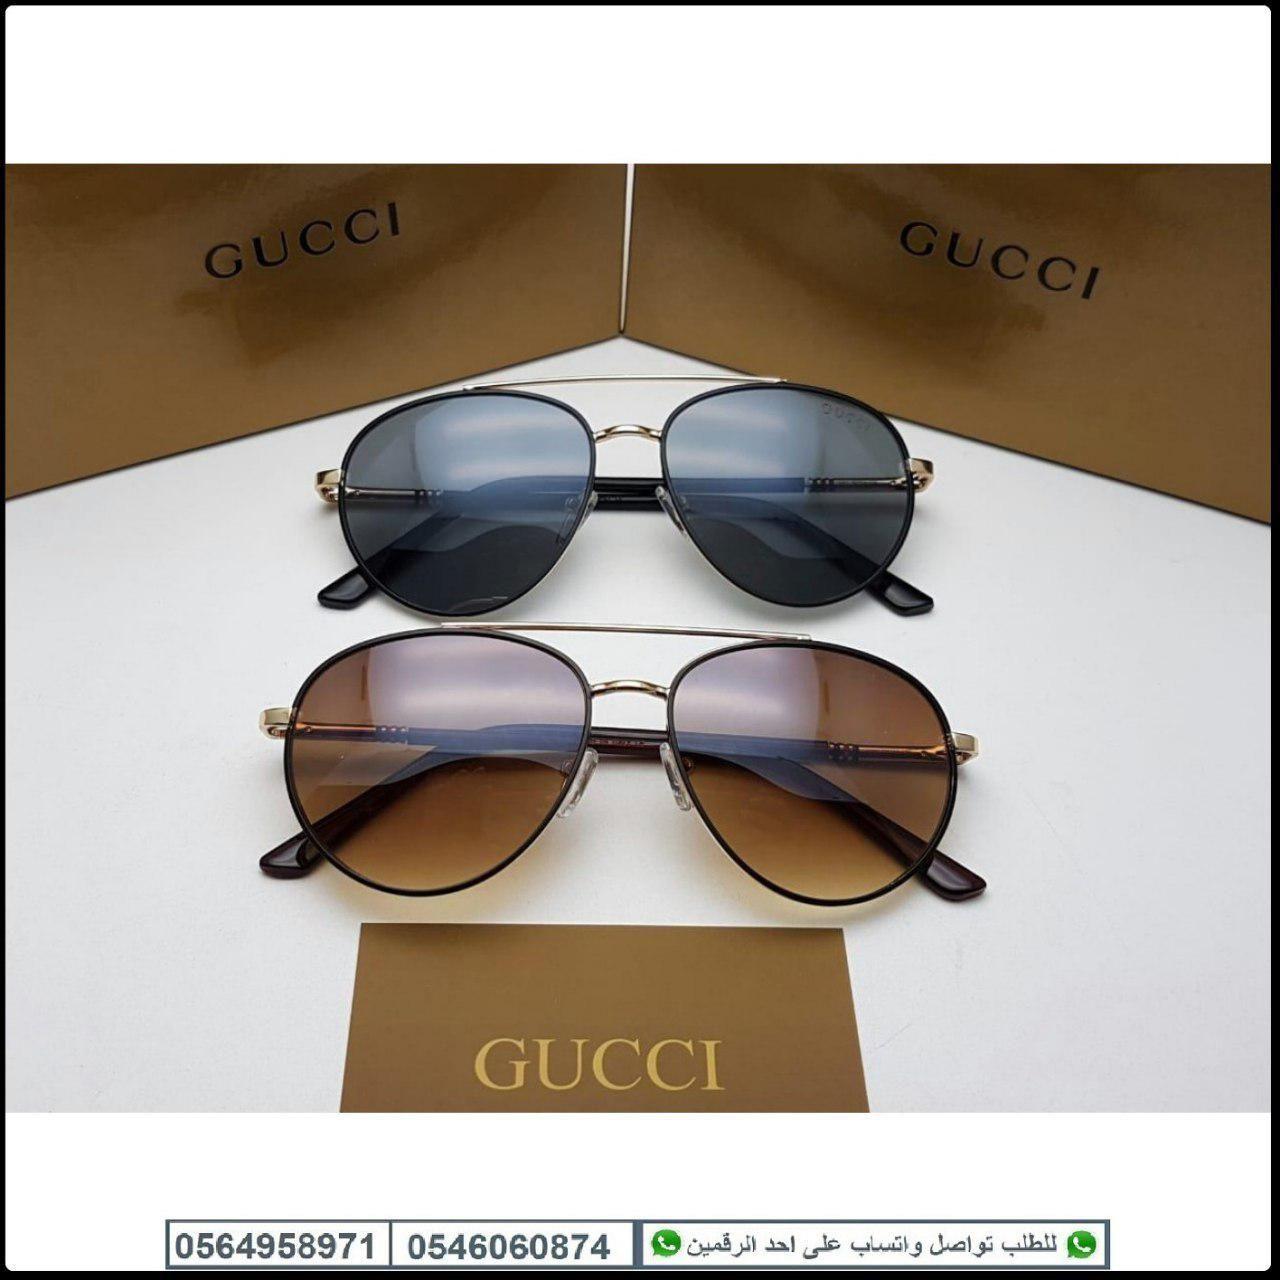 نظارات قوتشي رجاليه Gucci مع جميع الملحقات و بنفس الاسم هدايا هنوف Oval Sunglass Glasses Sunglasses